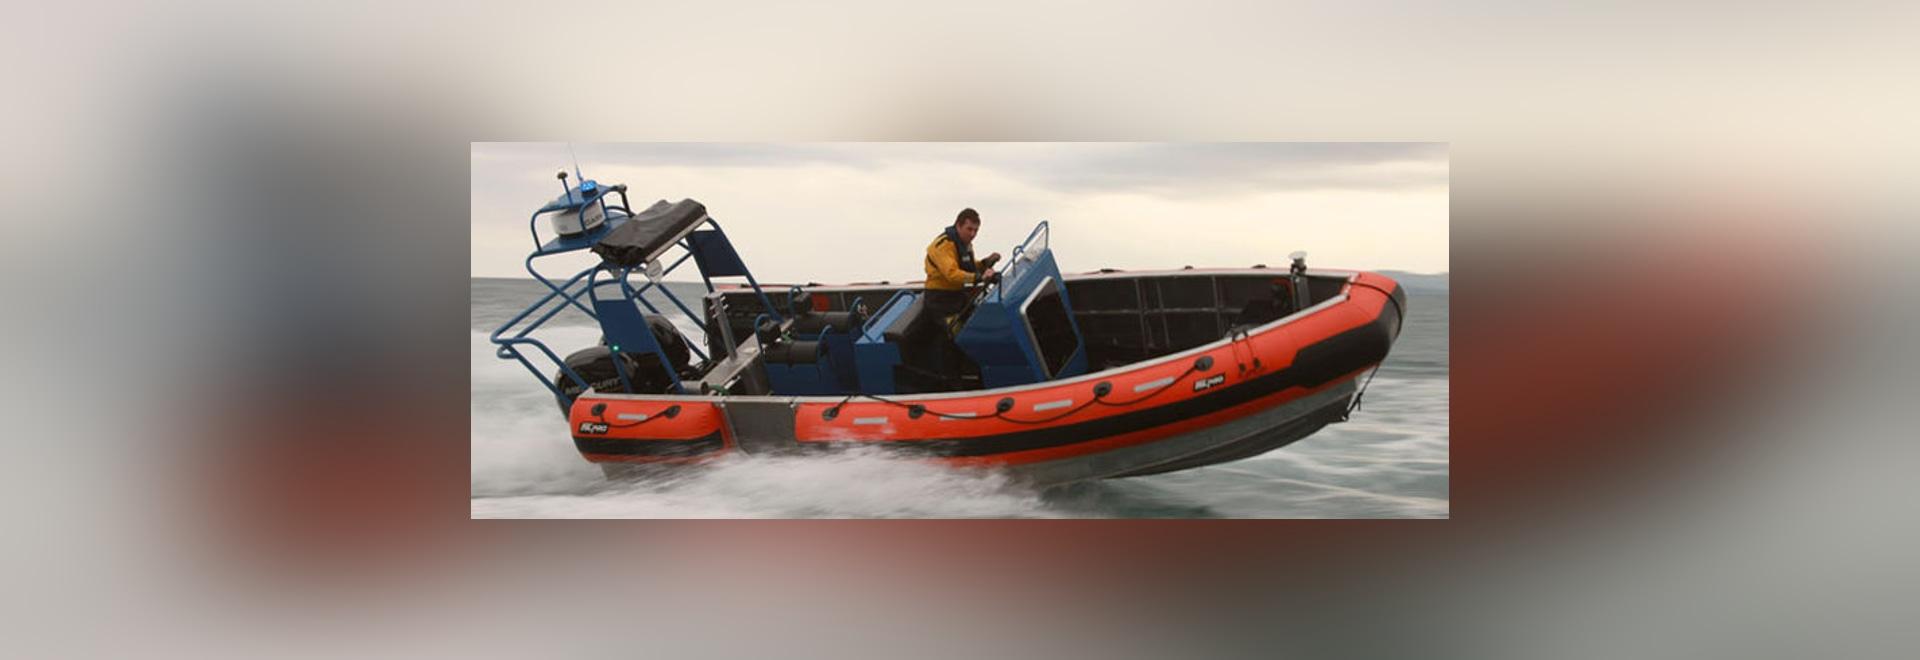 NOUVEAU : bateau de service extérieur par l'International de Zodiac Milpro